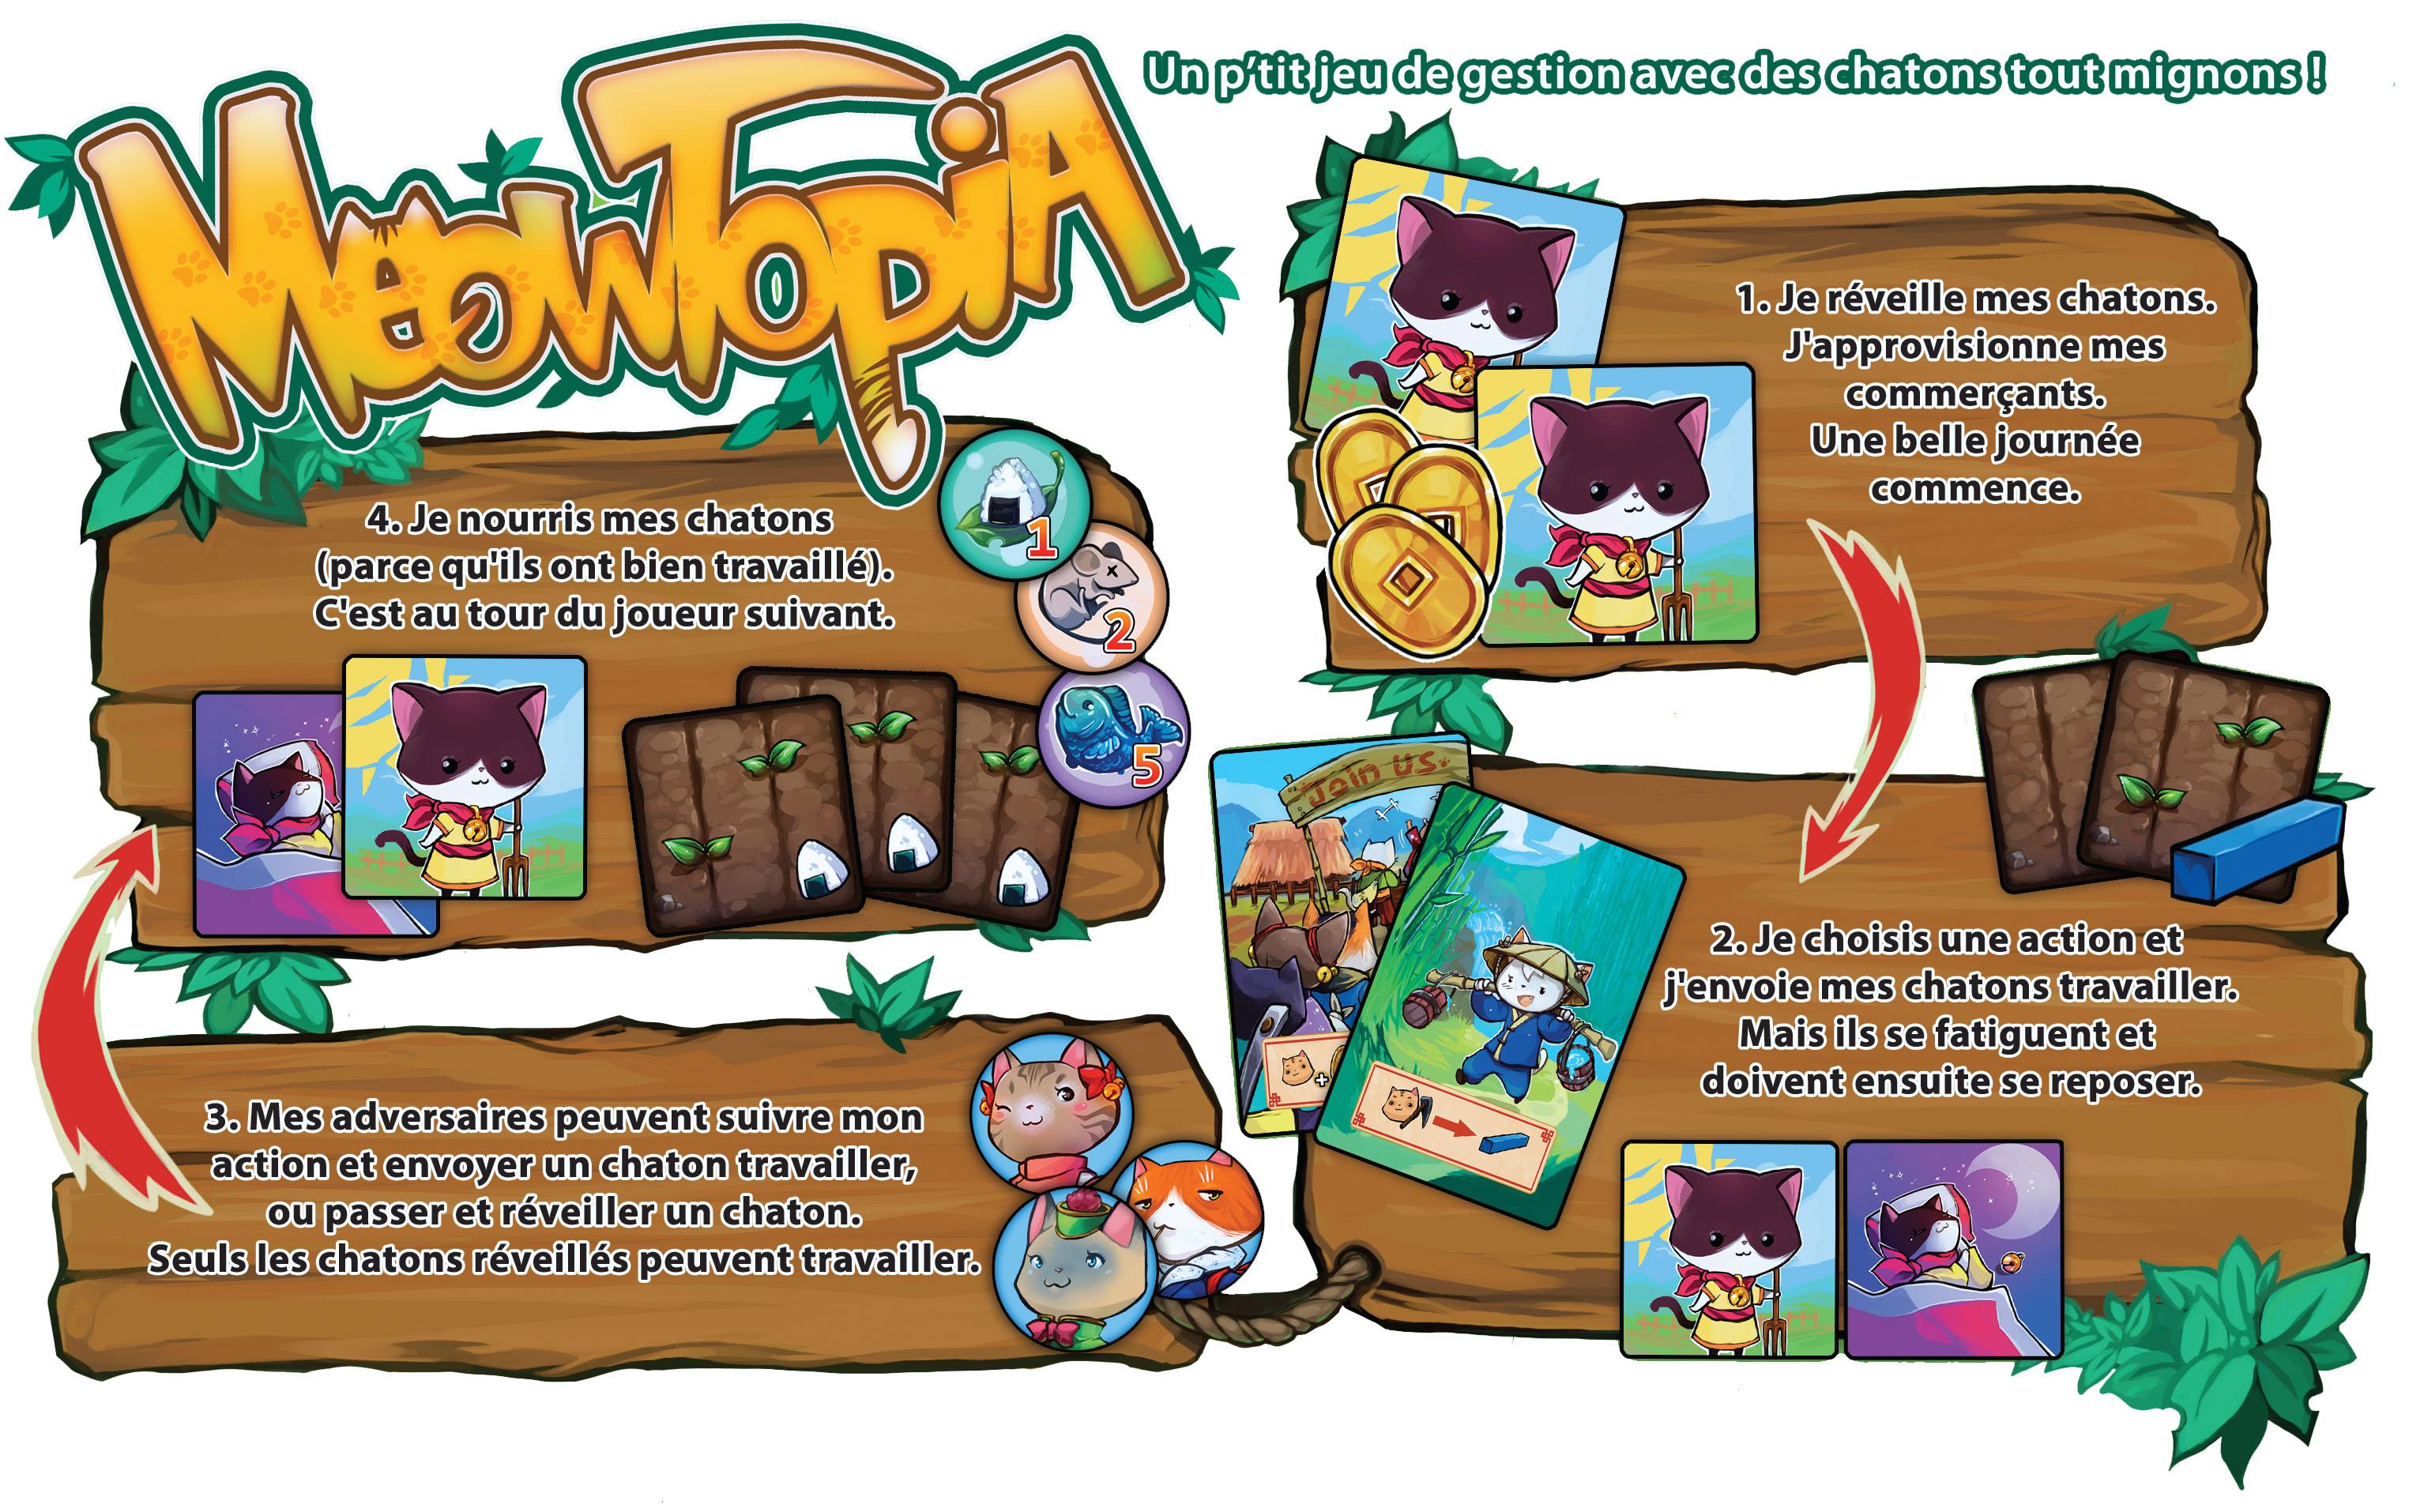 Meowtopia, résumé d'une phase de jeu © Runes Editions